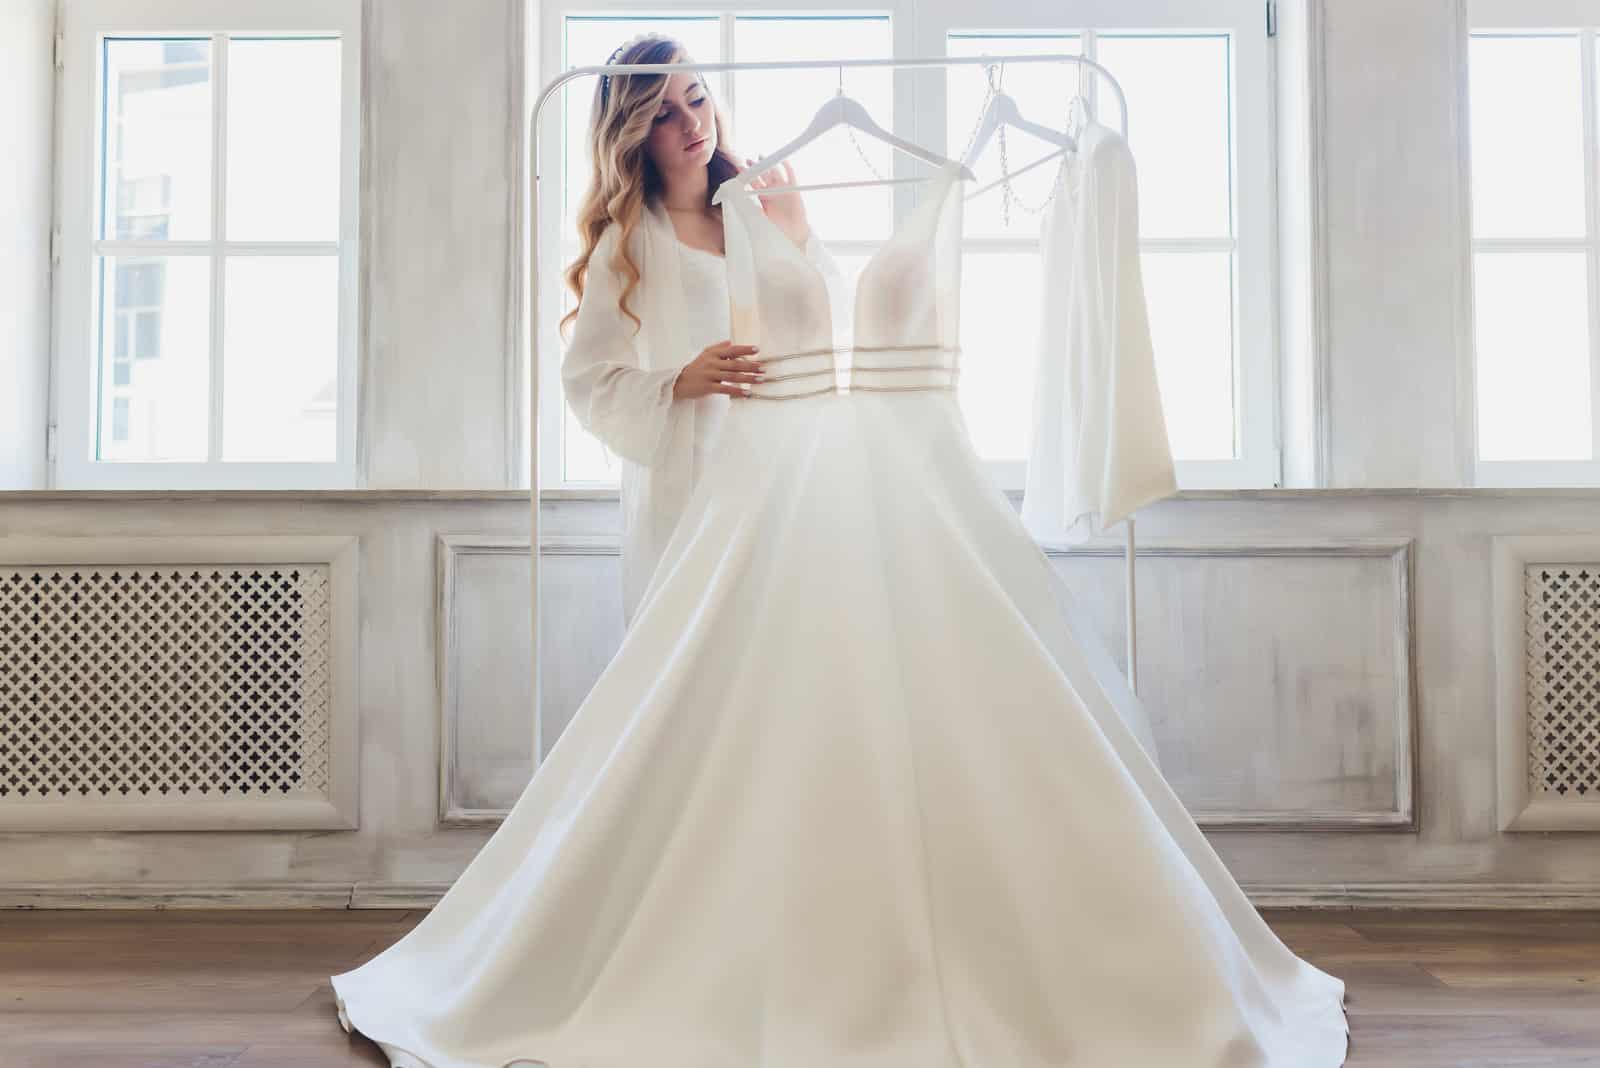 Eine Frau beobachtet ein Hochzeitskleid auf einer Peitsche